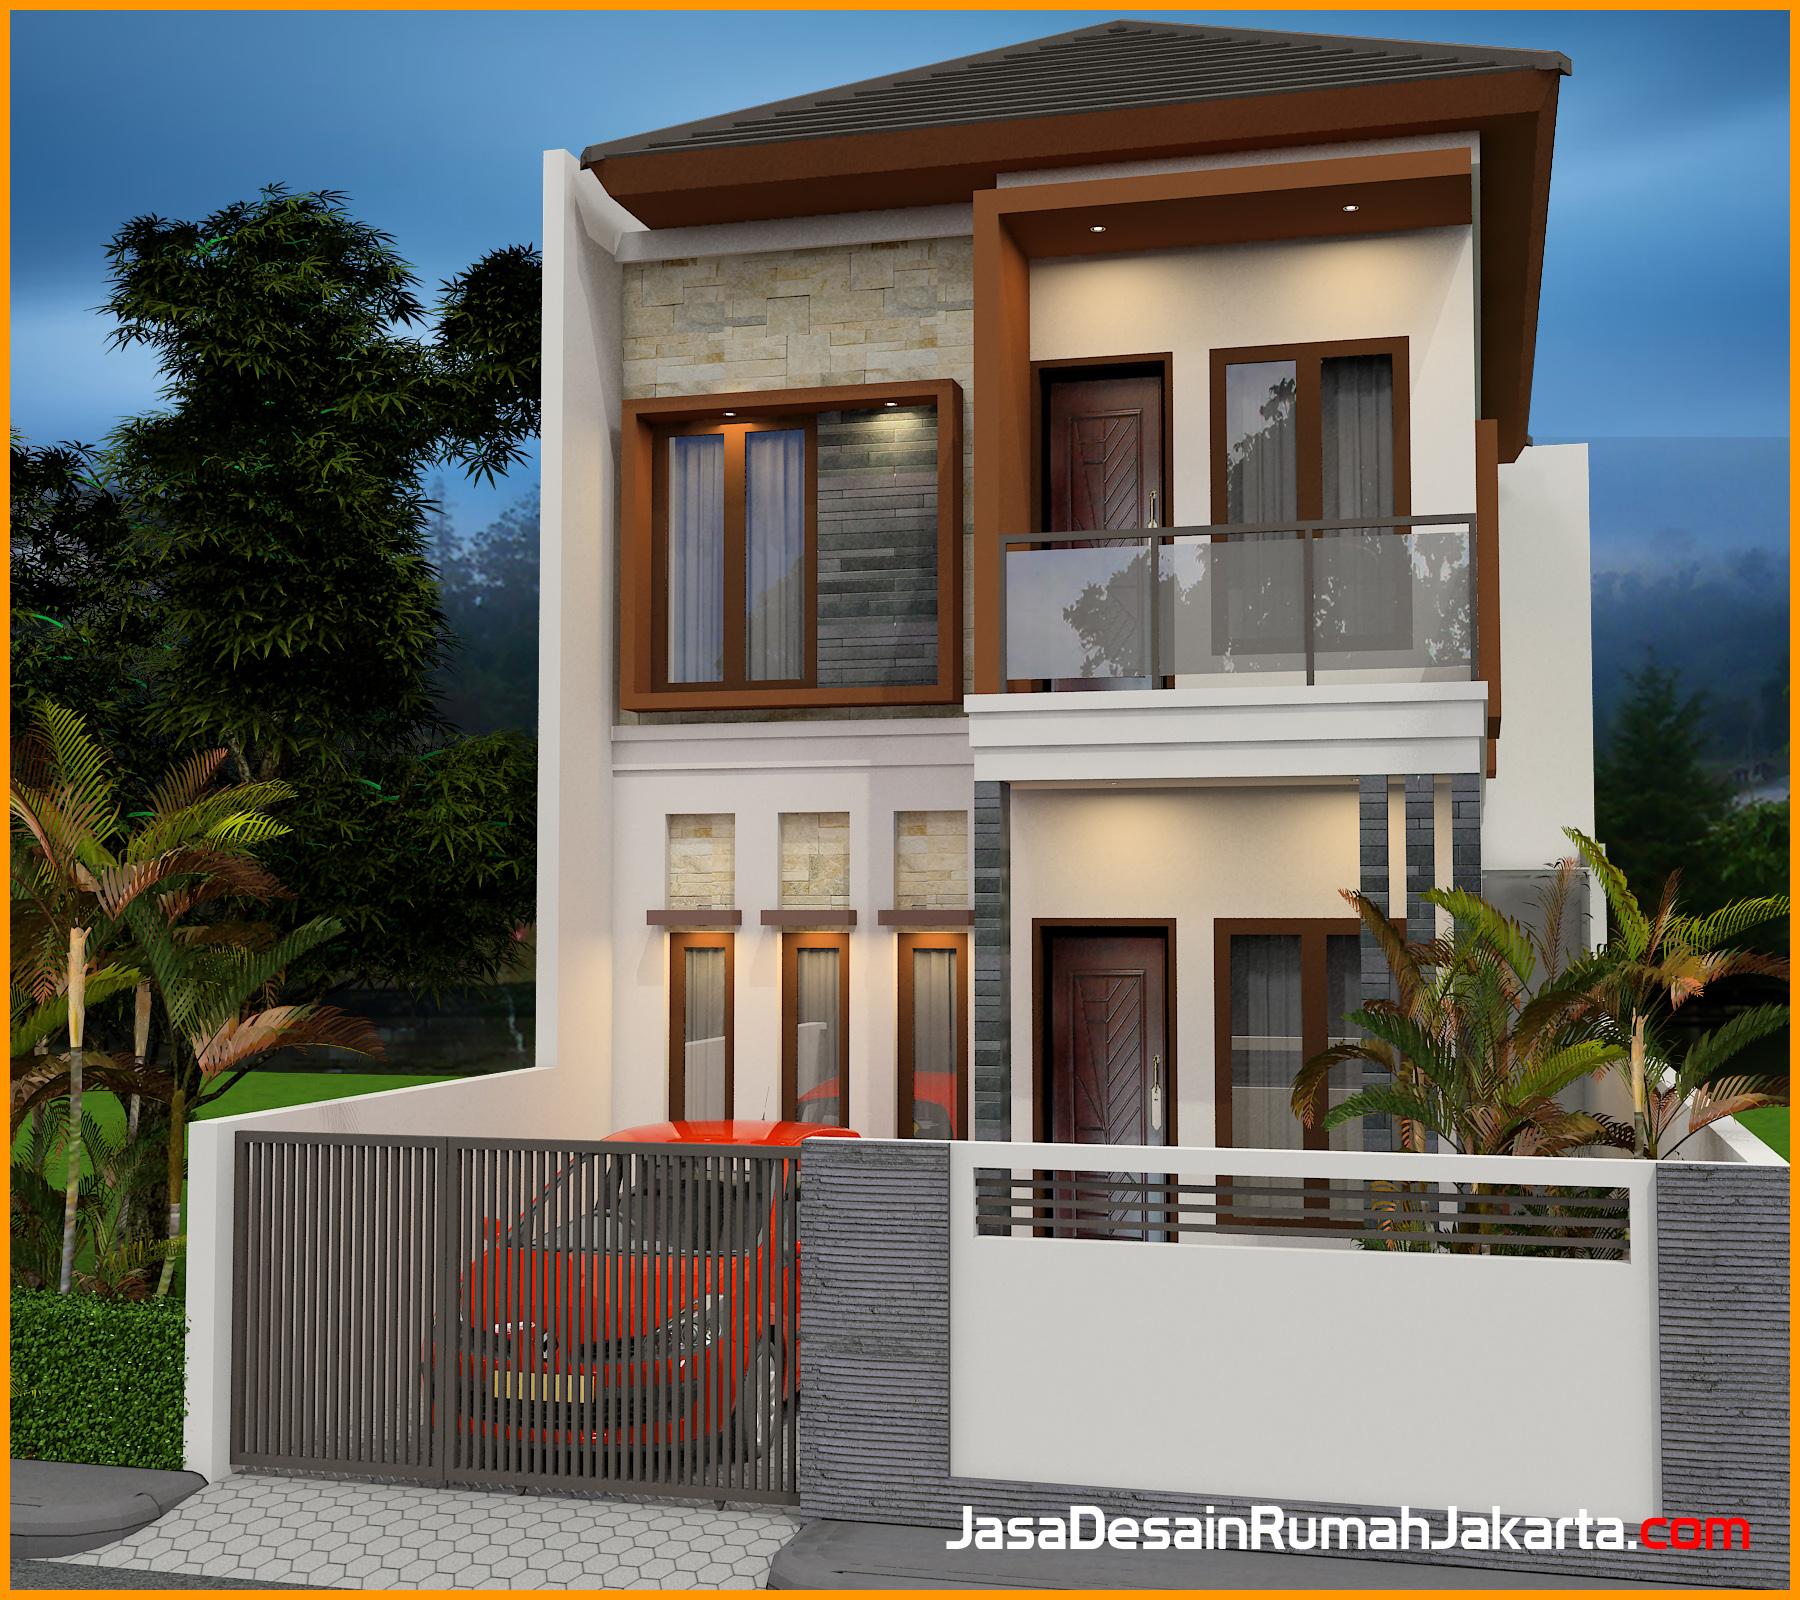 Desain Rumah Minimalis Di Dalam Gang